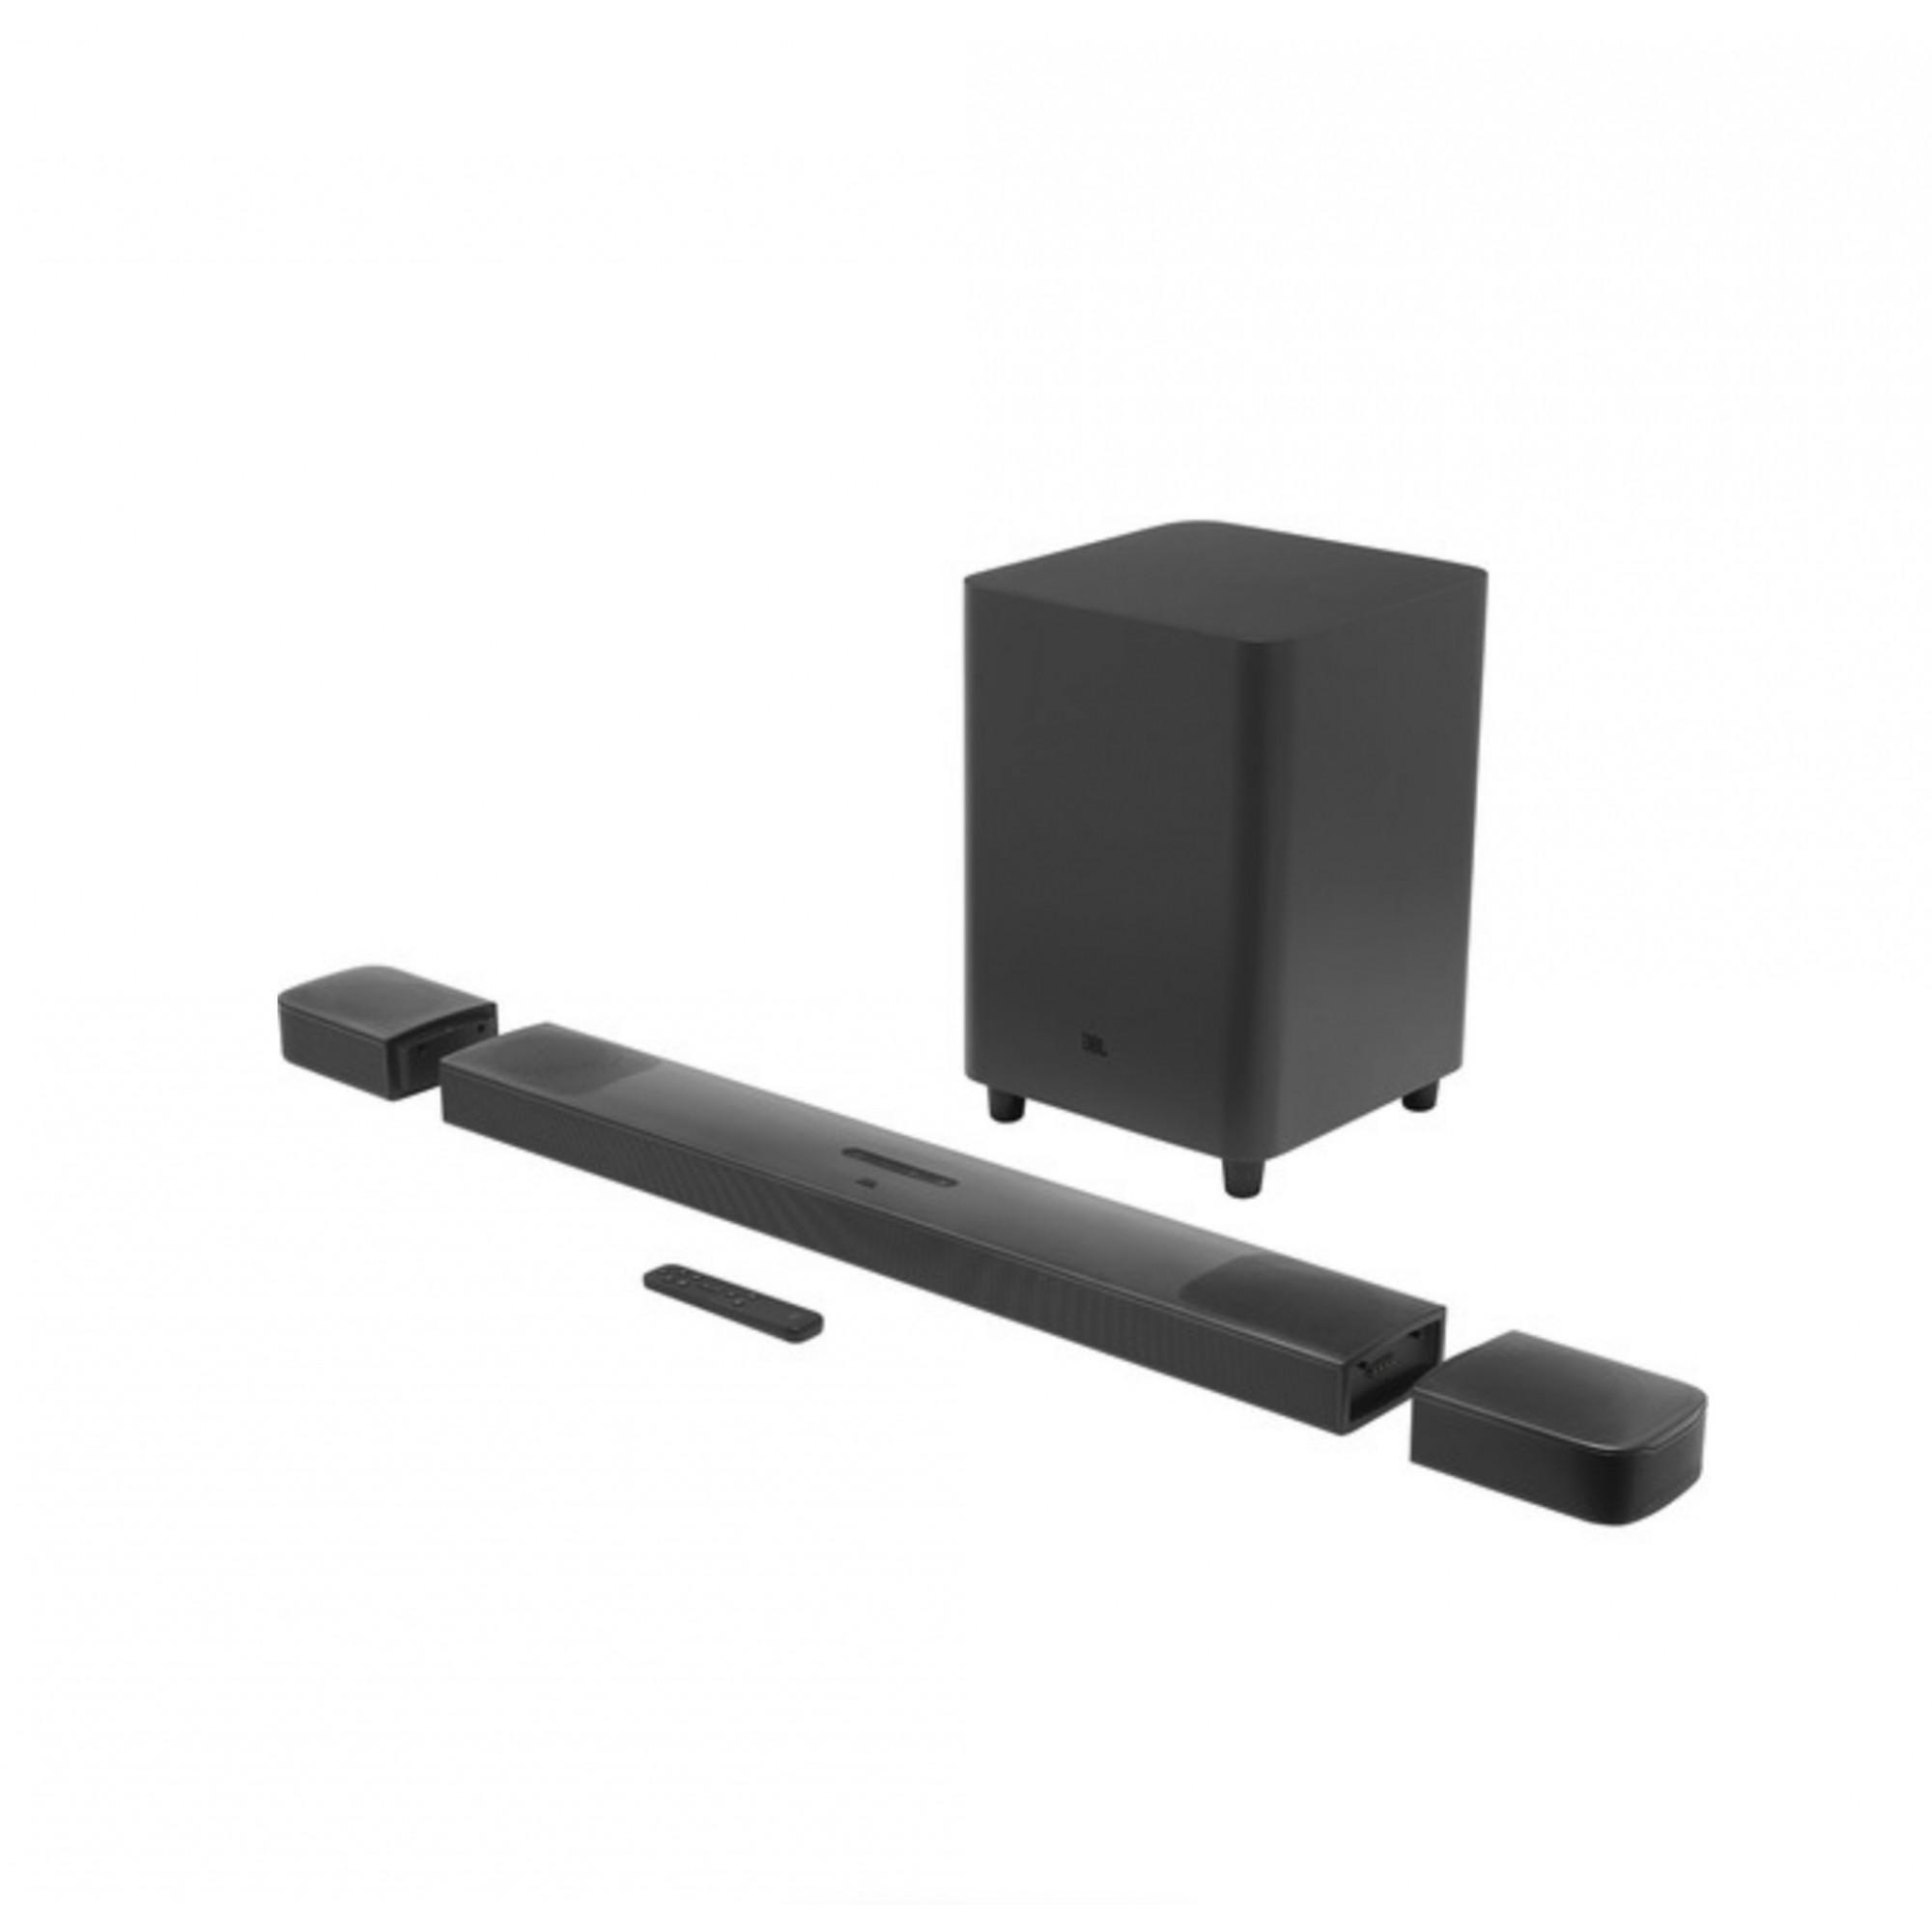 JBL BAR 9.1 True Wireless Surround Dolby Atmos 5.1.4 820W Anatel - Preto - Bivolt